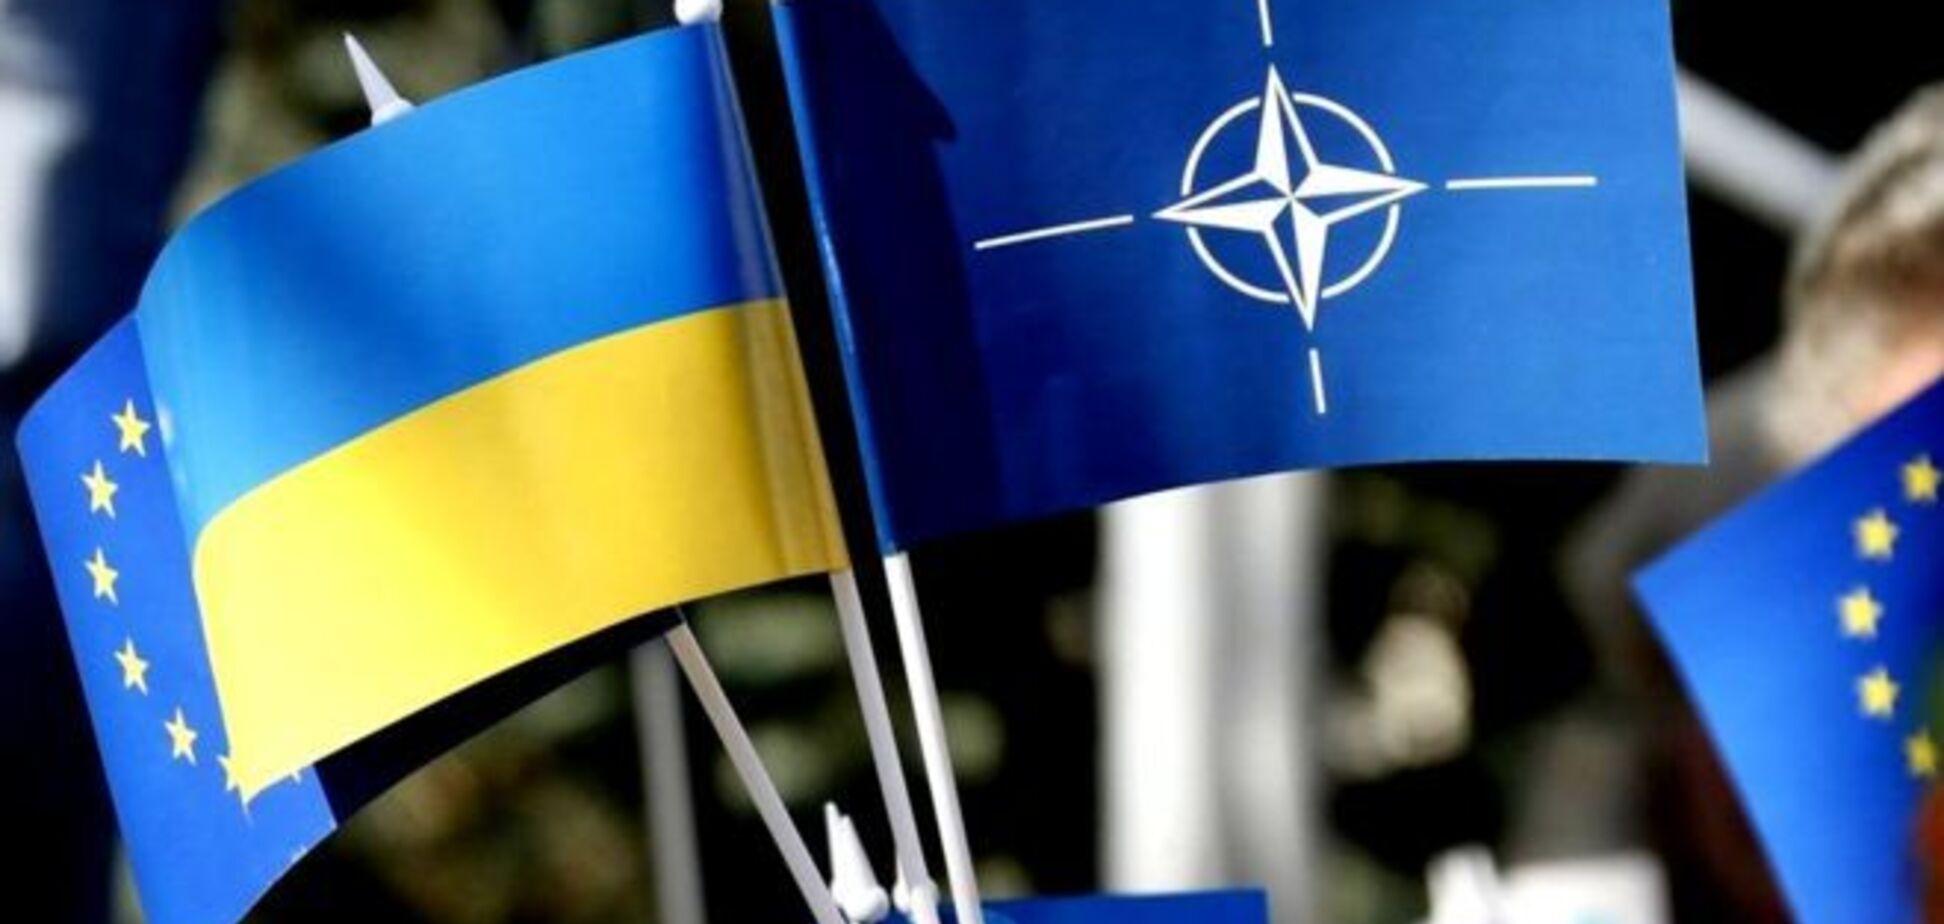 ''Іго гопників!'' Людина Путіна влаштувала істерику через рішення Ради з НАТО і ЄС